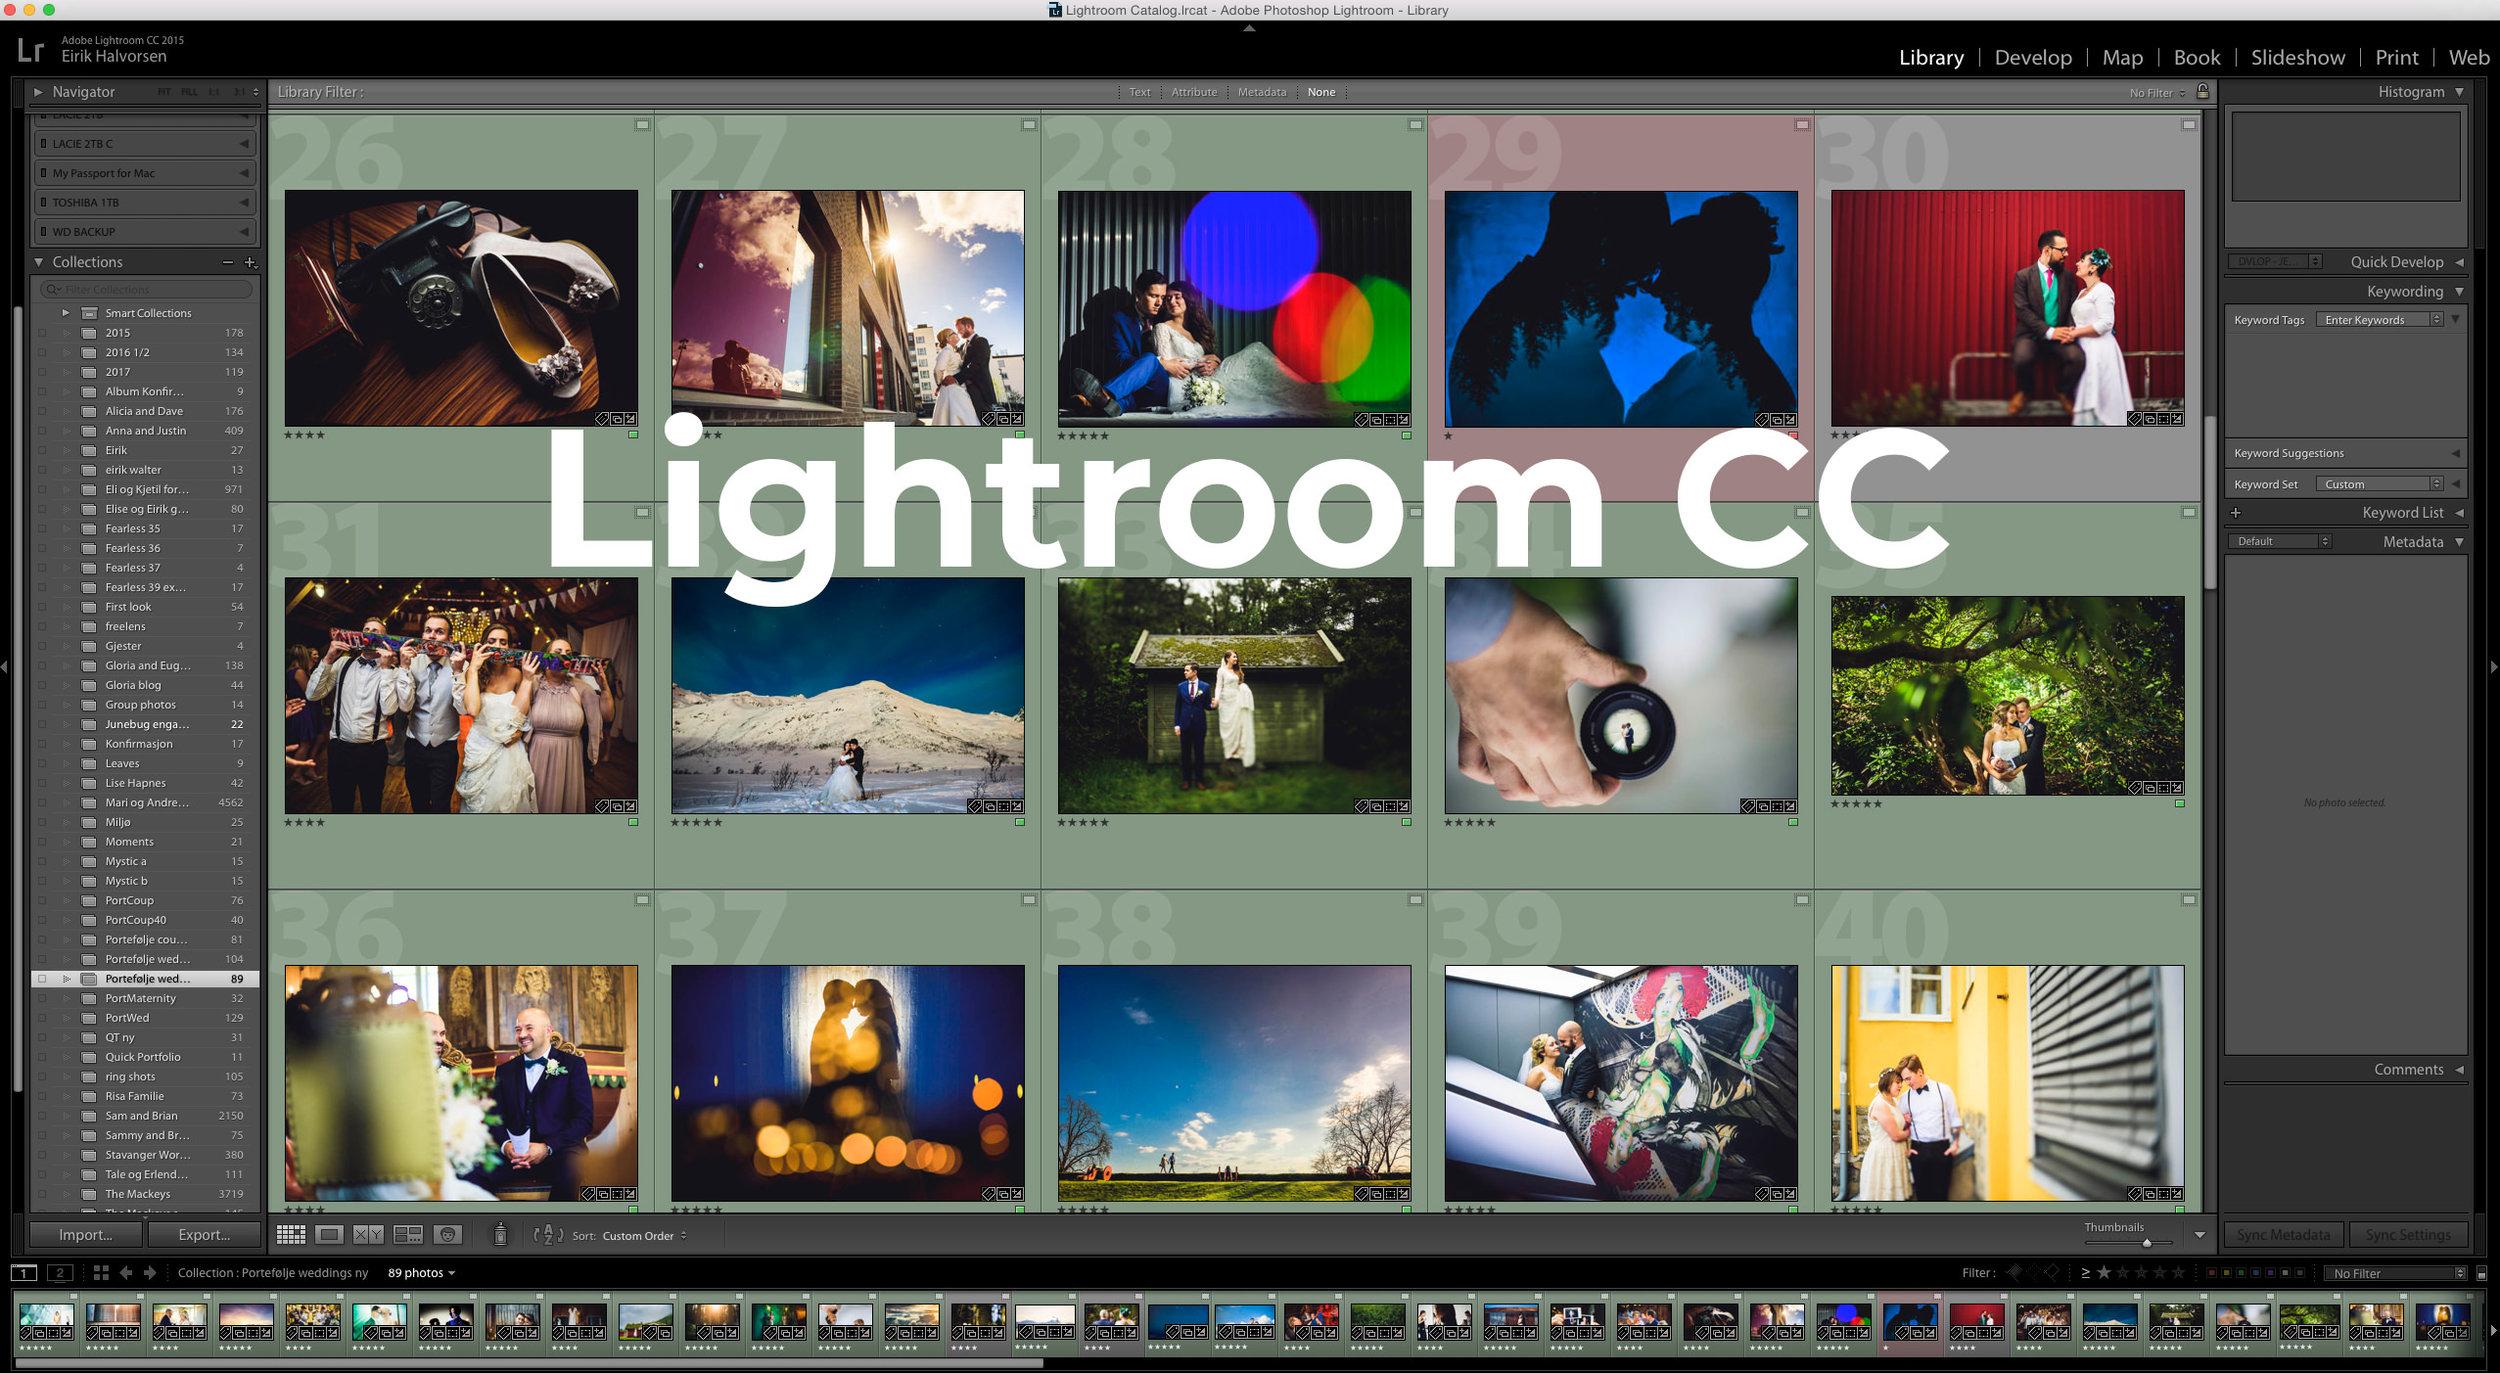 Lightroom workflow - Alt jeg gjør handler om å effektivisere arbeidsflyten og frigjøre tid. Jeg fotograferer i gjennomsnitt 4-5000 bilder i hvert bryllup så her kommer effektive snarveier til nytte.Import, utvelgelse, redigering, eksport - jeg lærer deg min workflow i LR for ultimat hastighet.